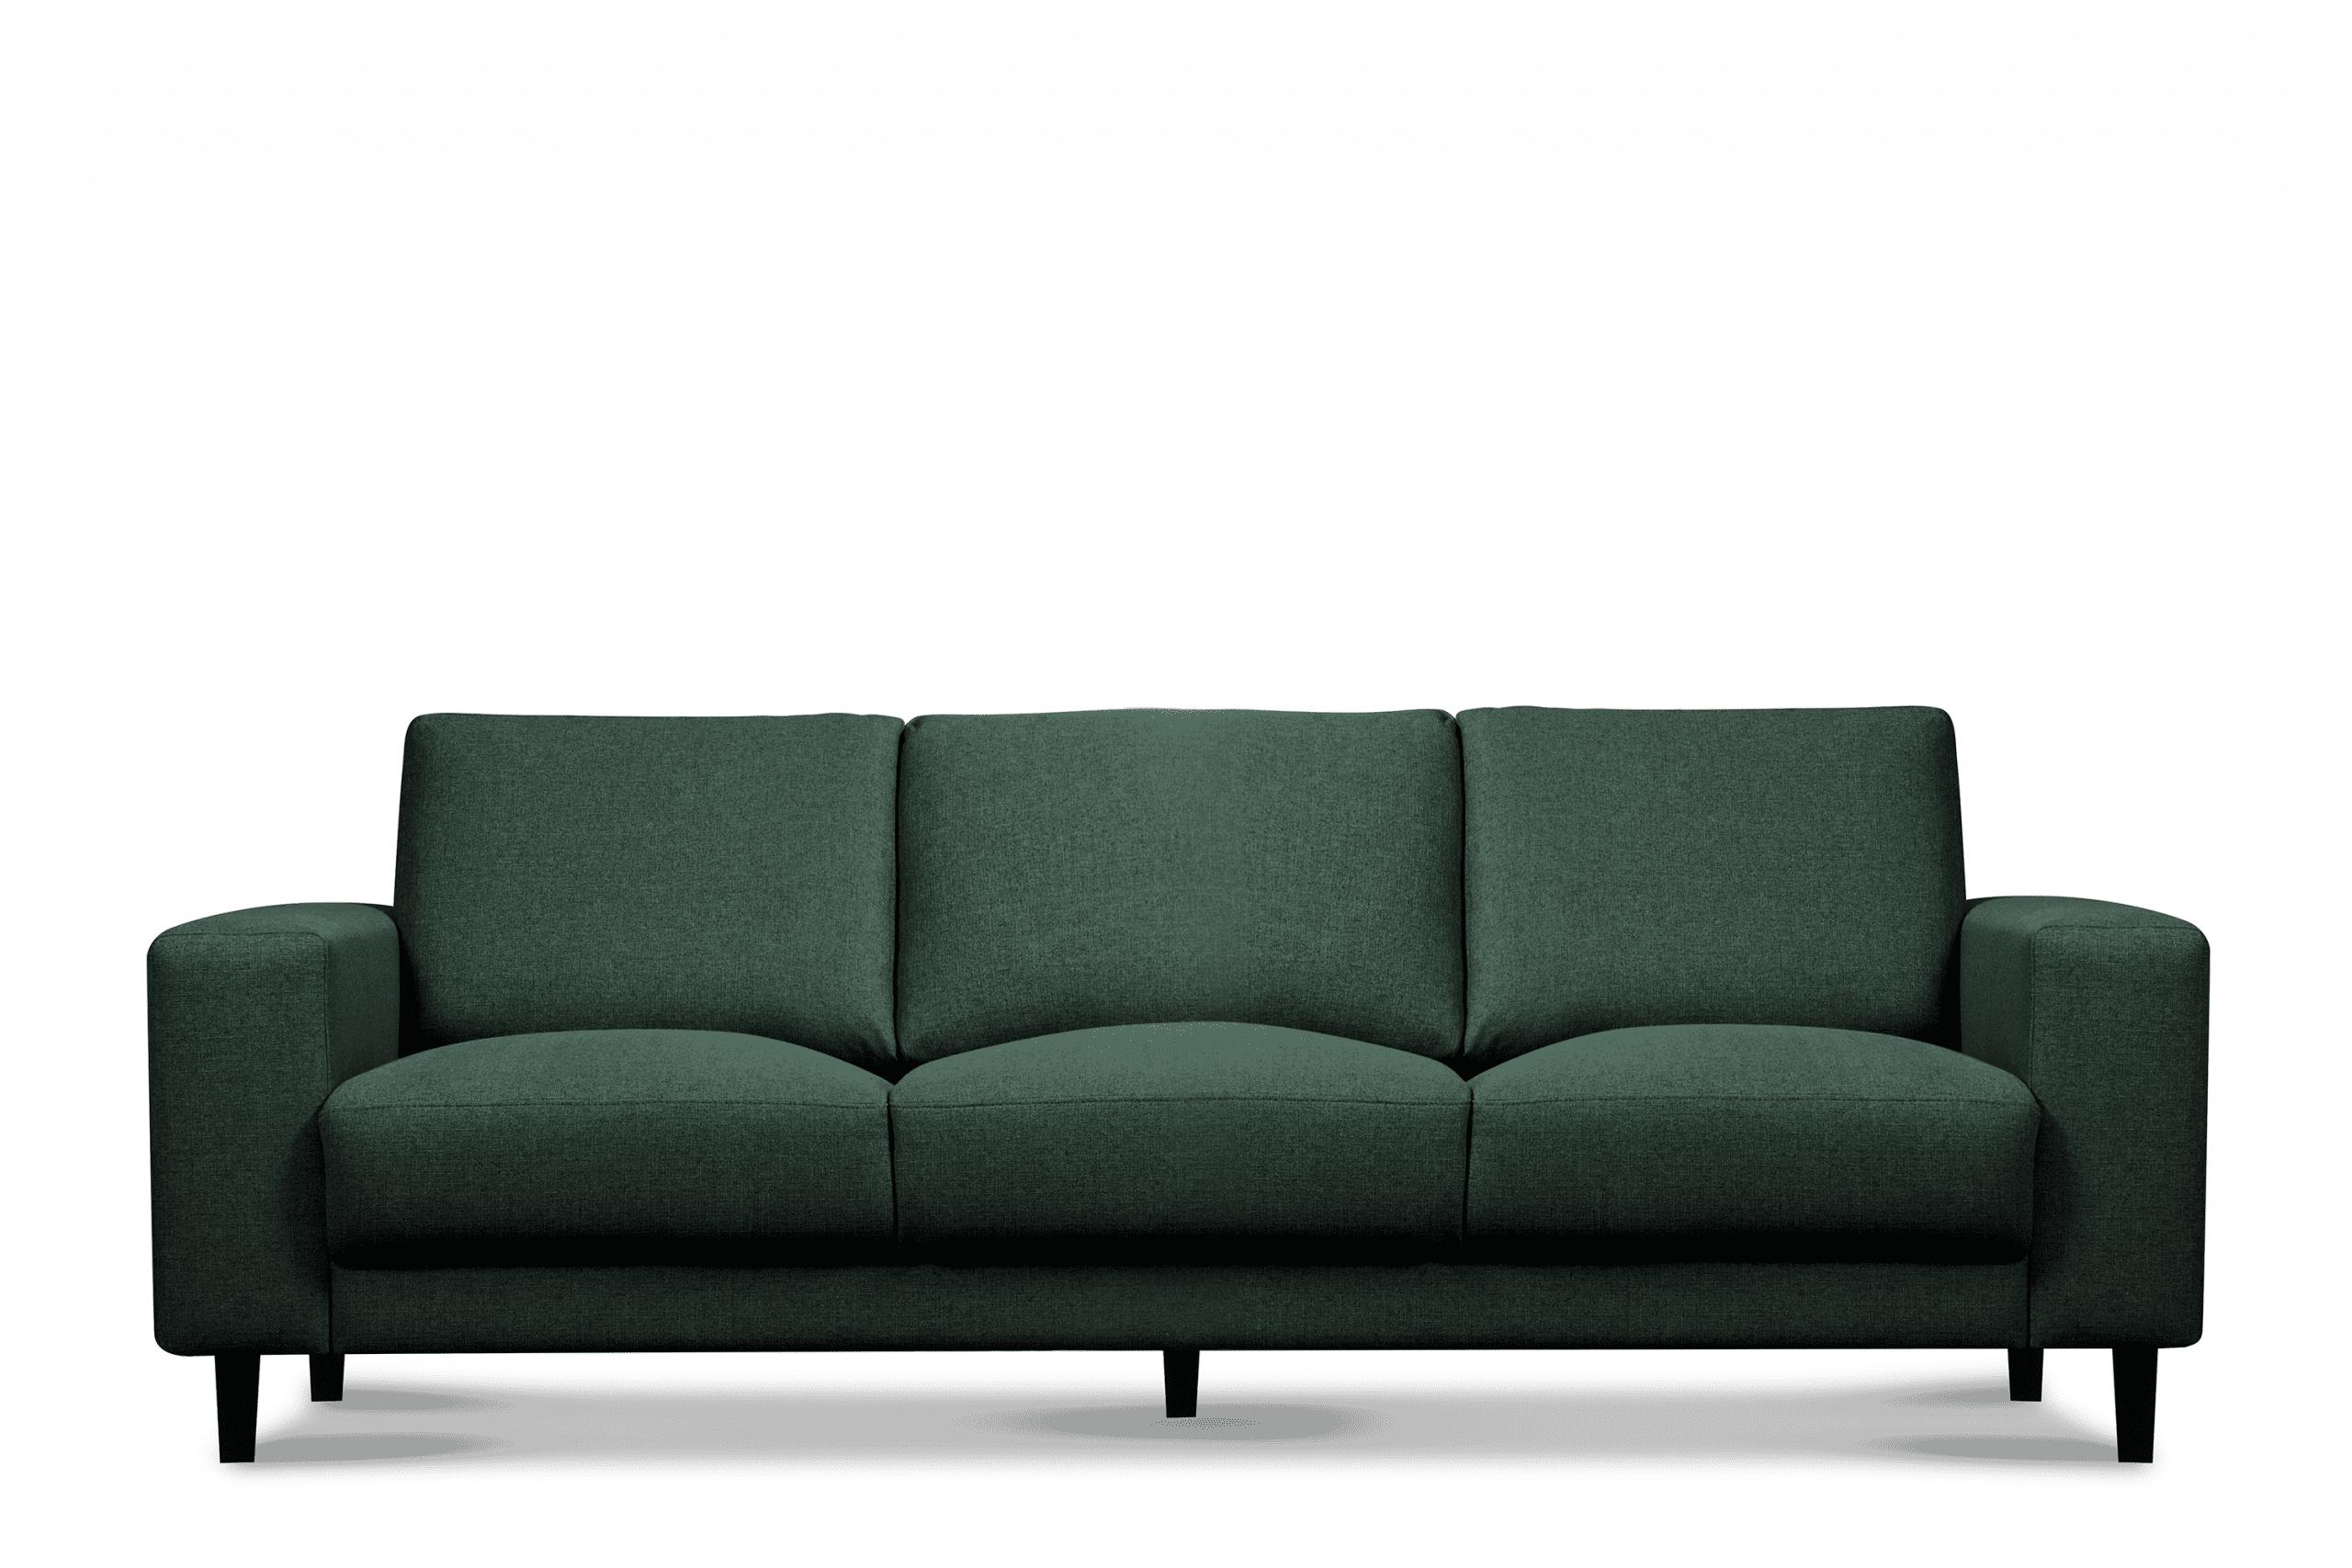 Nowoczesna sofa trzyosobowa na nóżkach zielona